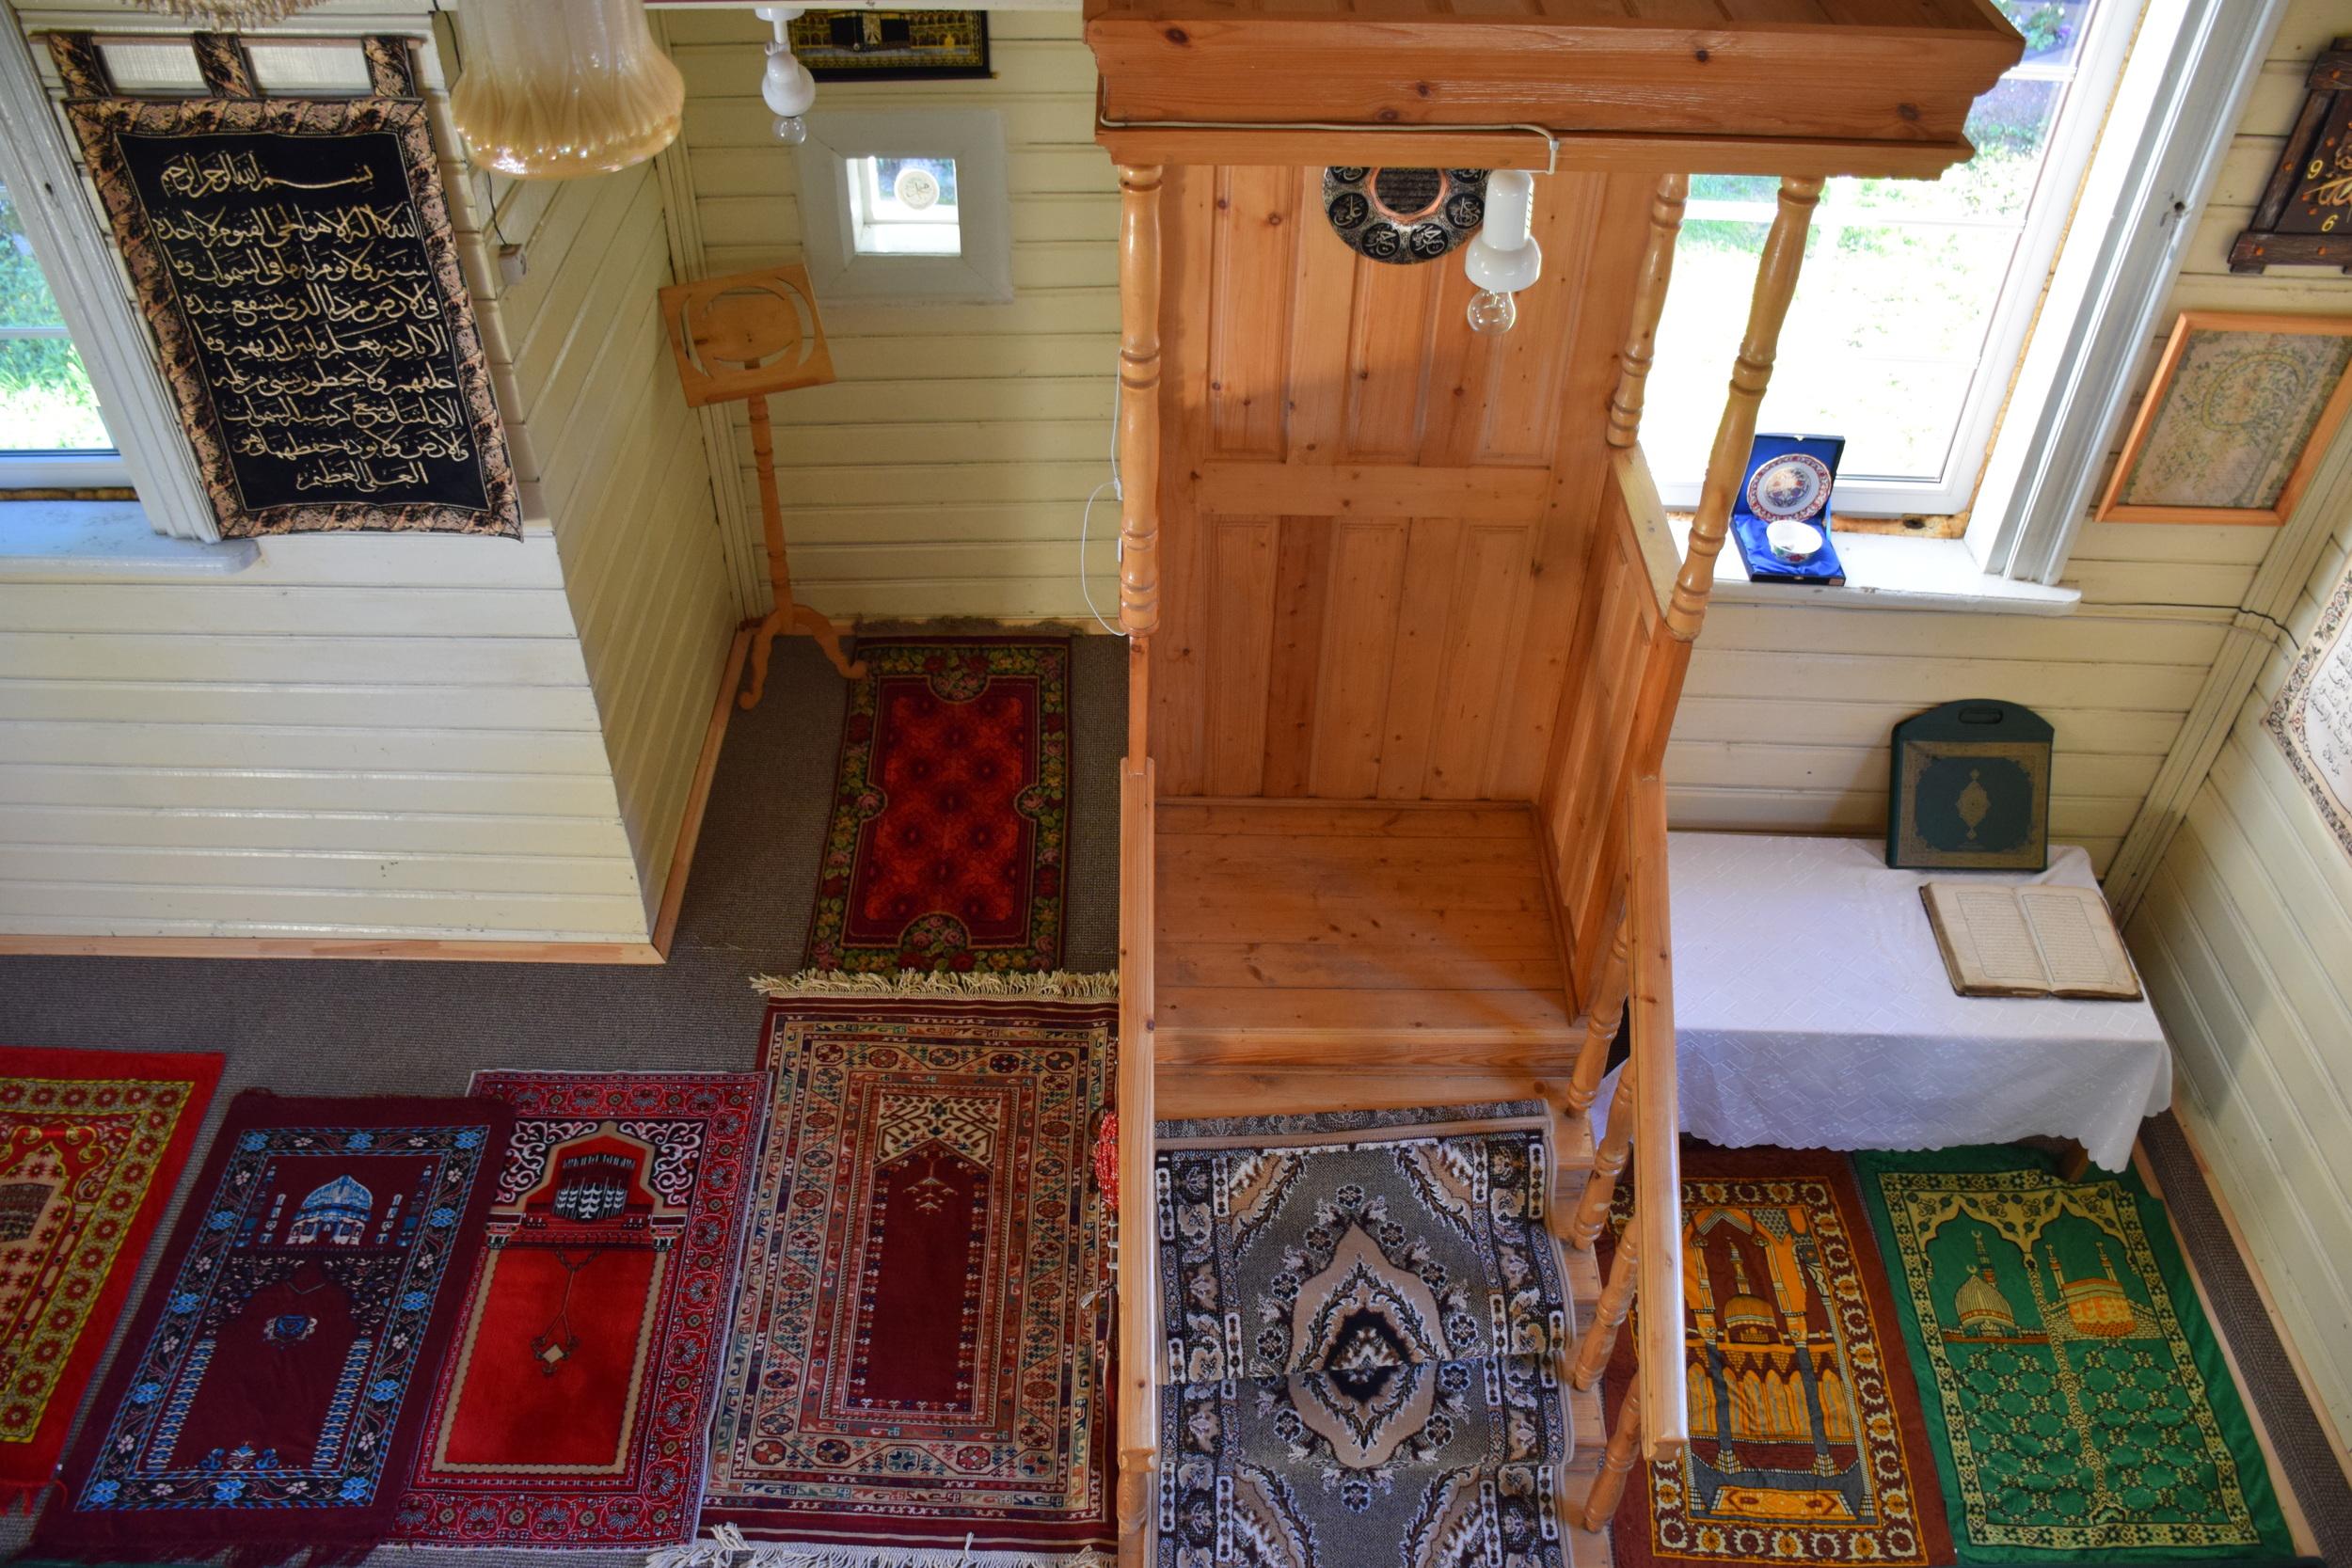 Tharik Hussain: Inside Mosque